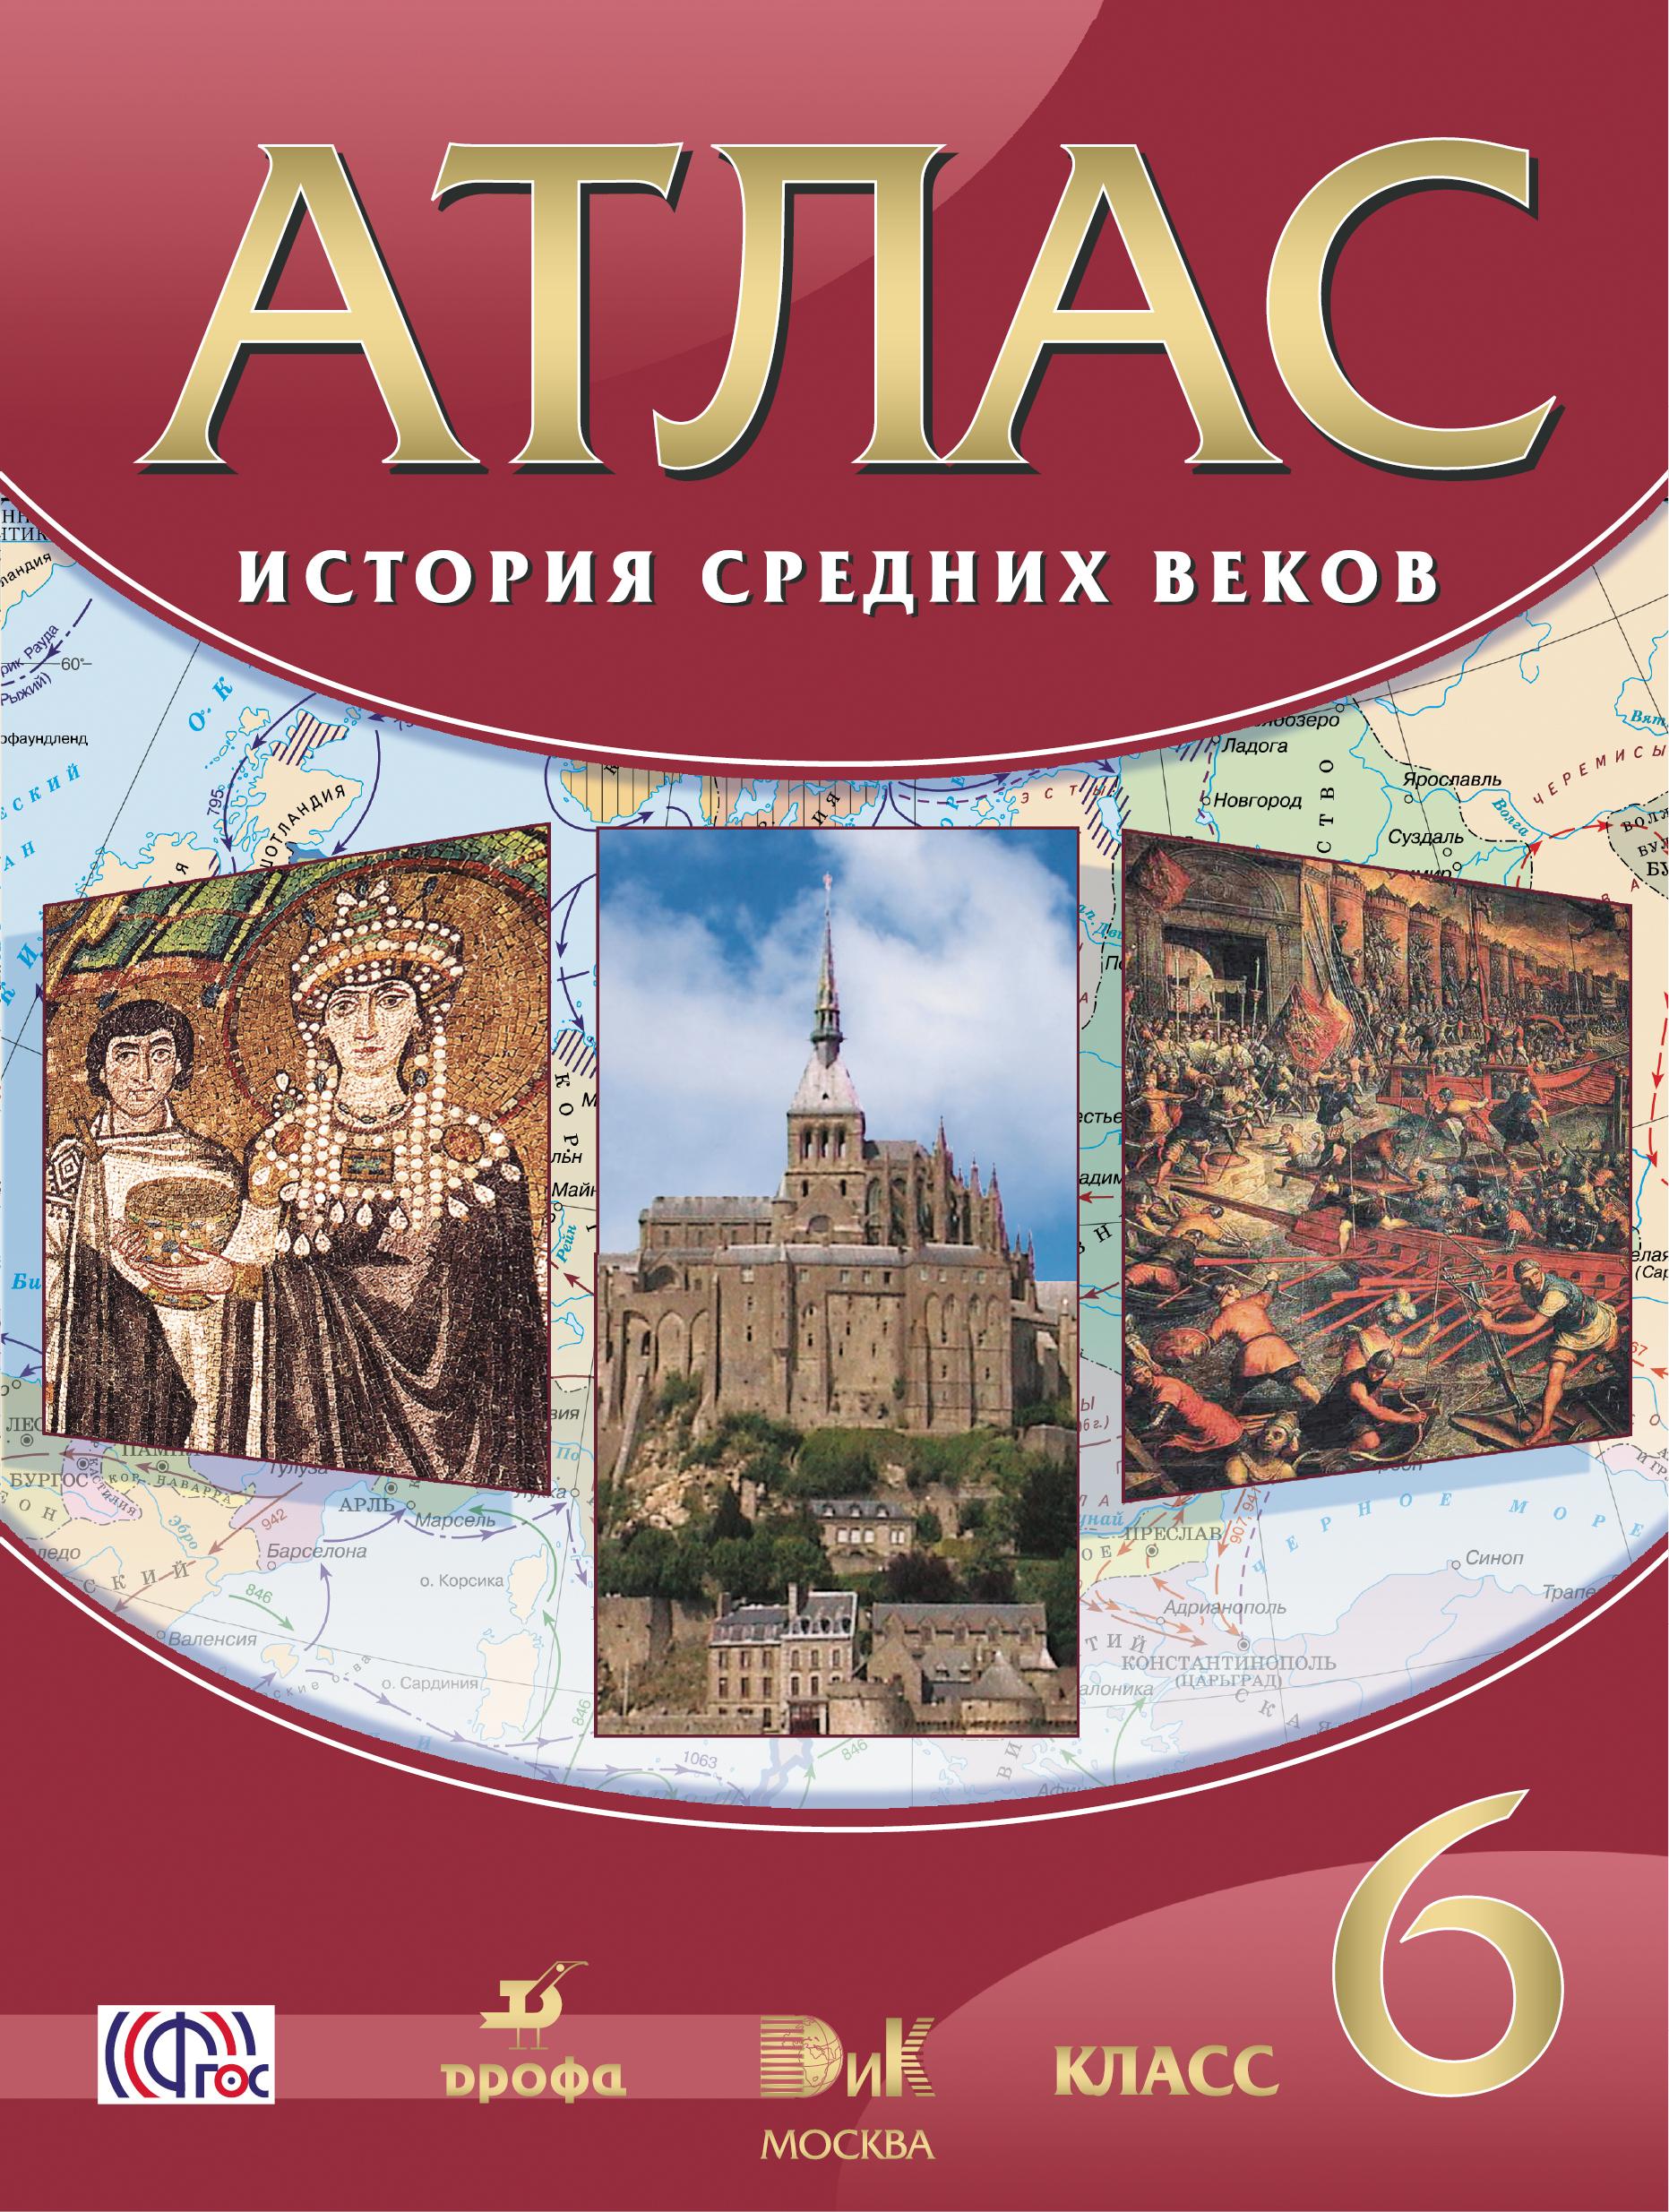 Атлас средних веков 6 класс скачать